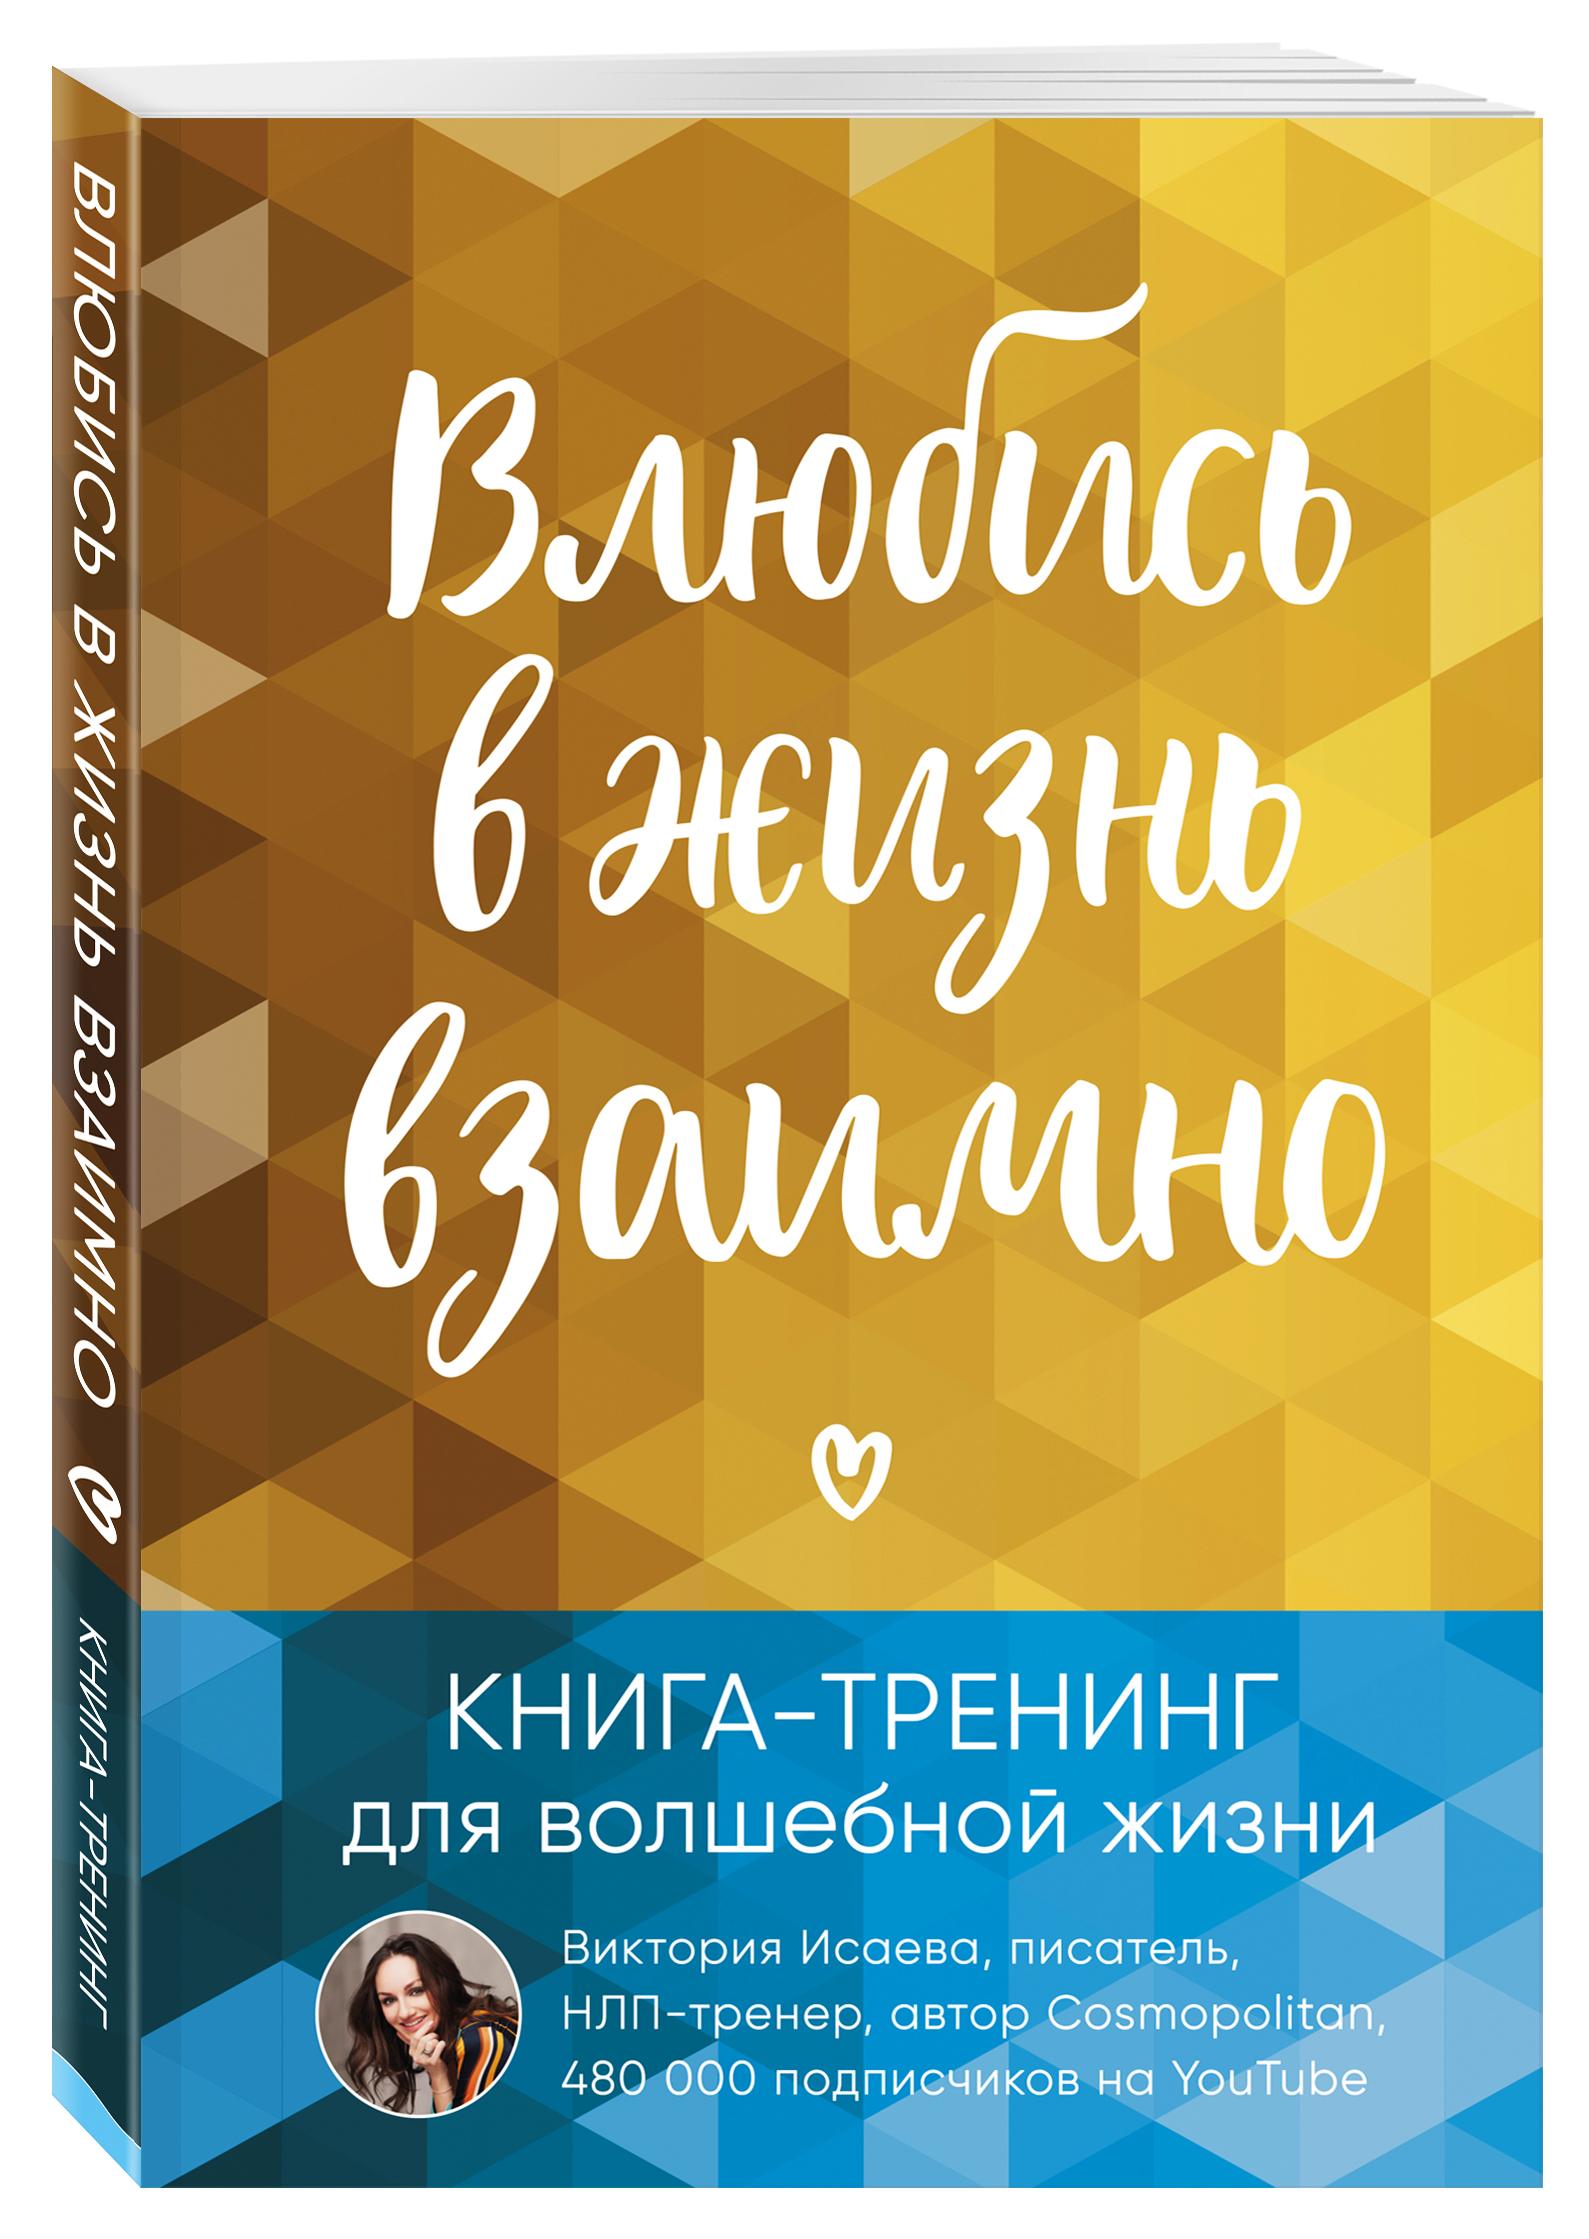 Исаева Виктория Сергеевна Влюбись в жизнь взаимно. Книга-тренинг для волшебной жизни алина александровна исаева александрович избранное